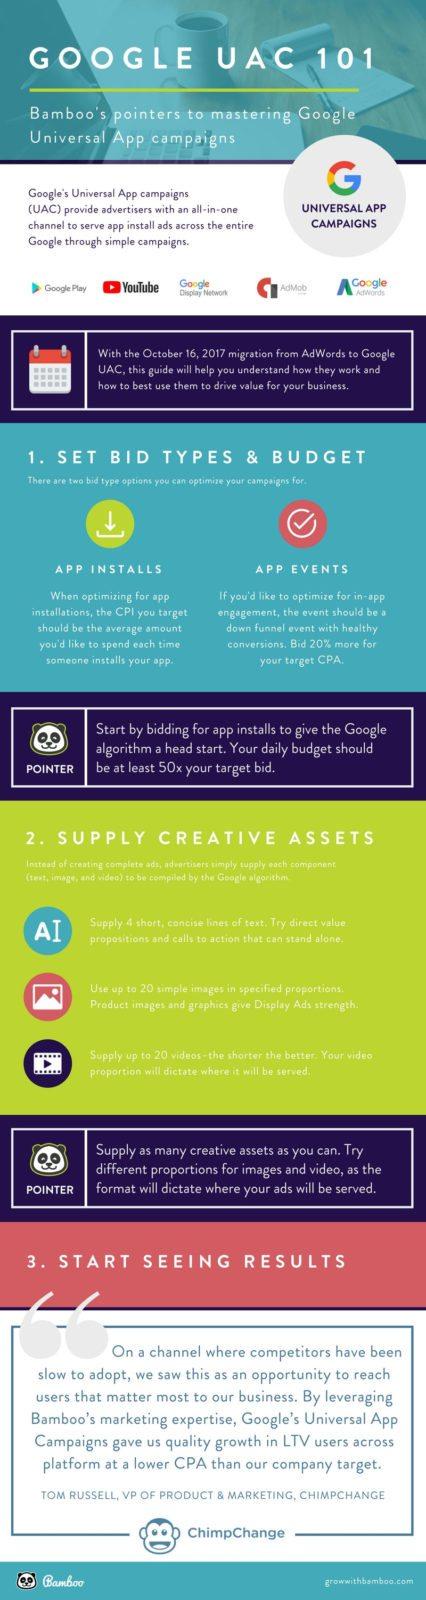 XXQué son las Campañas universales de aplicaciones y cómo funcionan